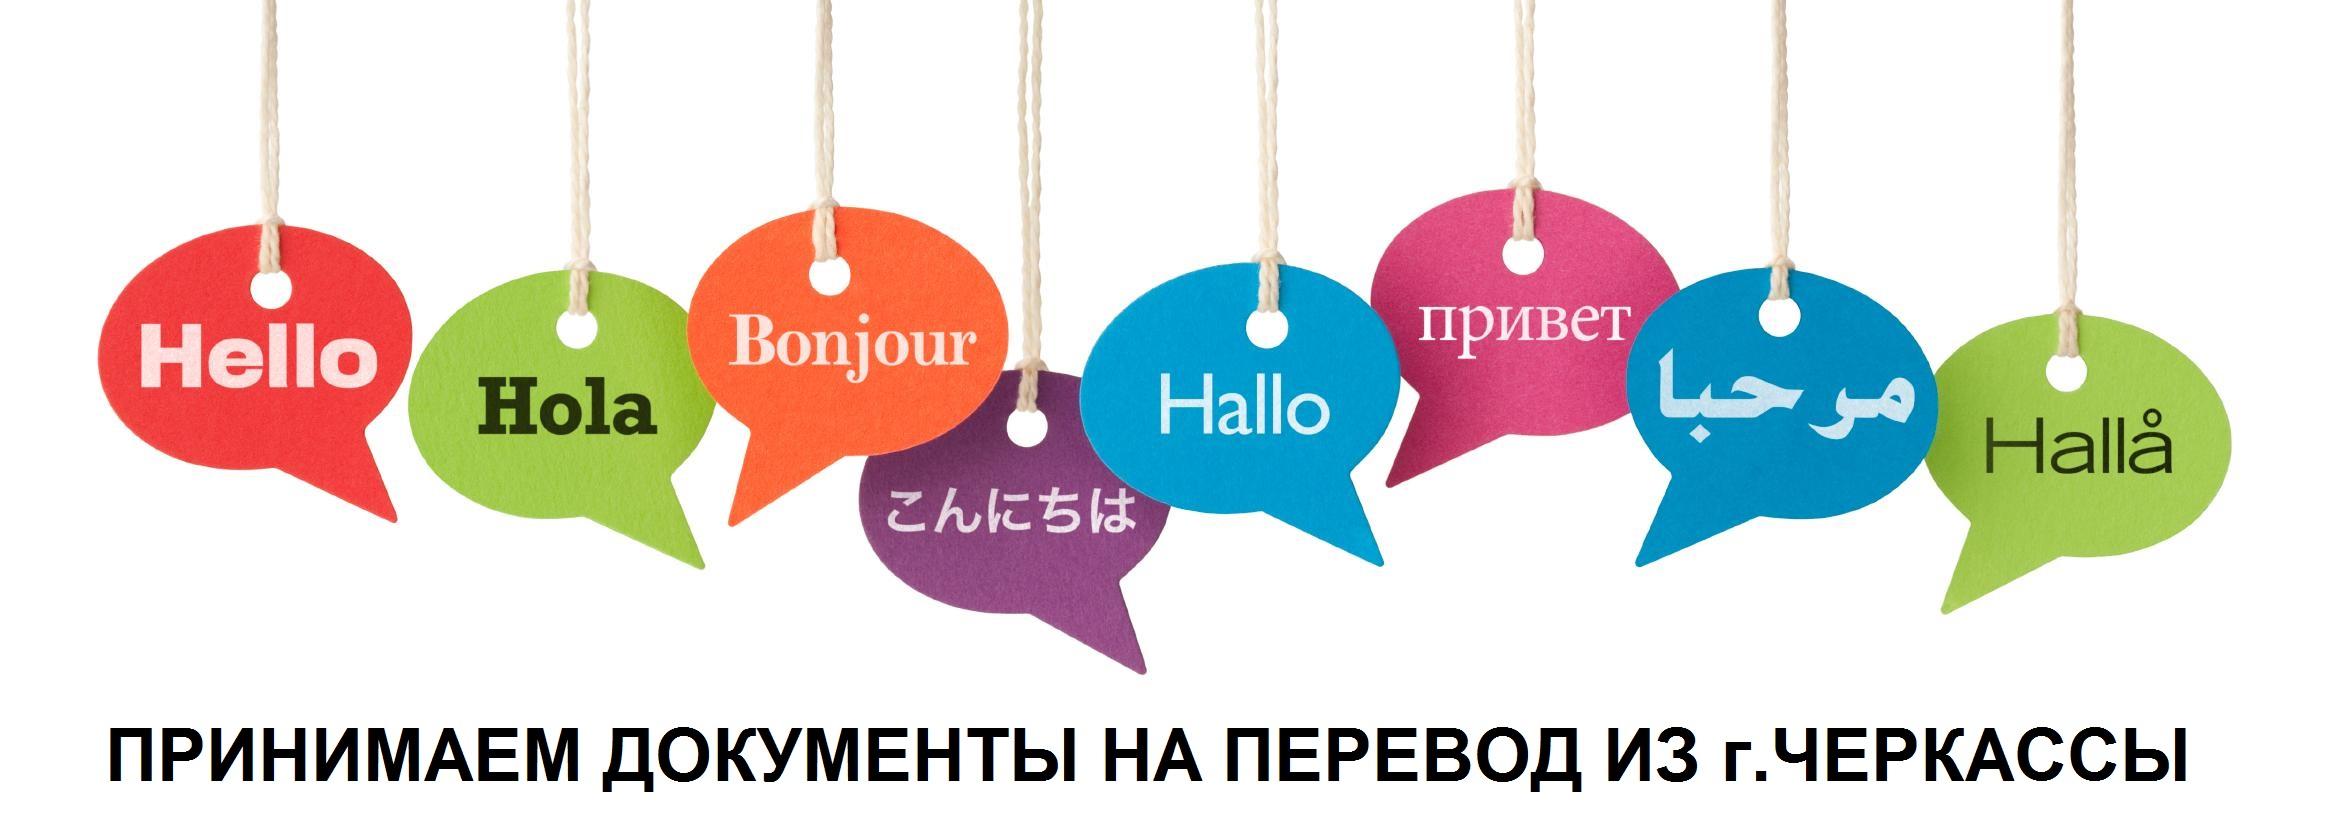 ПРИНИМАЕМ ДОКУМЕНТЫ НА ПЕРЕВОД ИЗ г.ЧЕРКАССЫ - SpravkaInform.com.ua